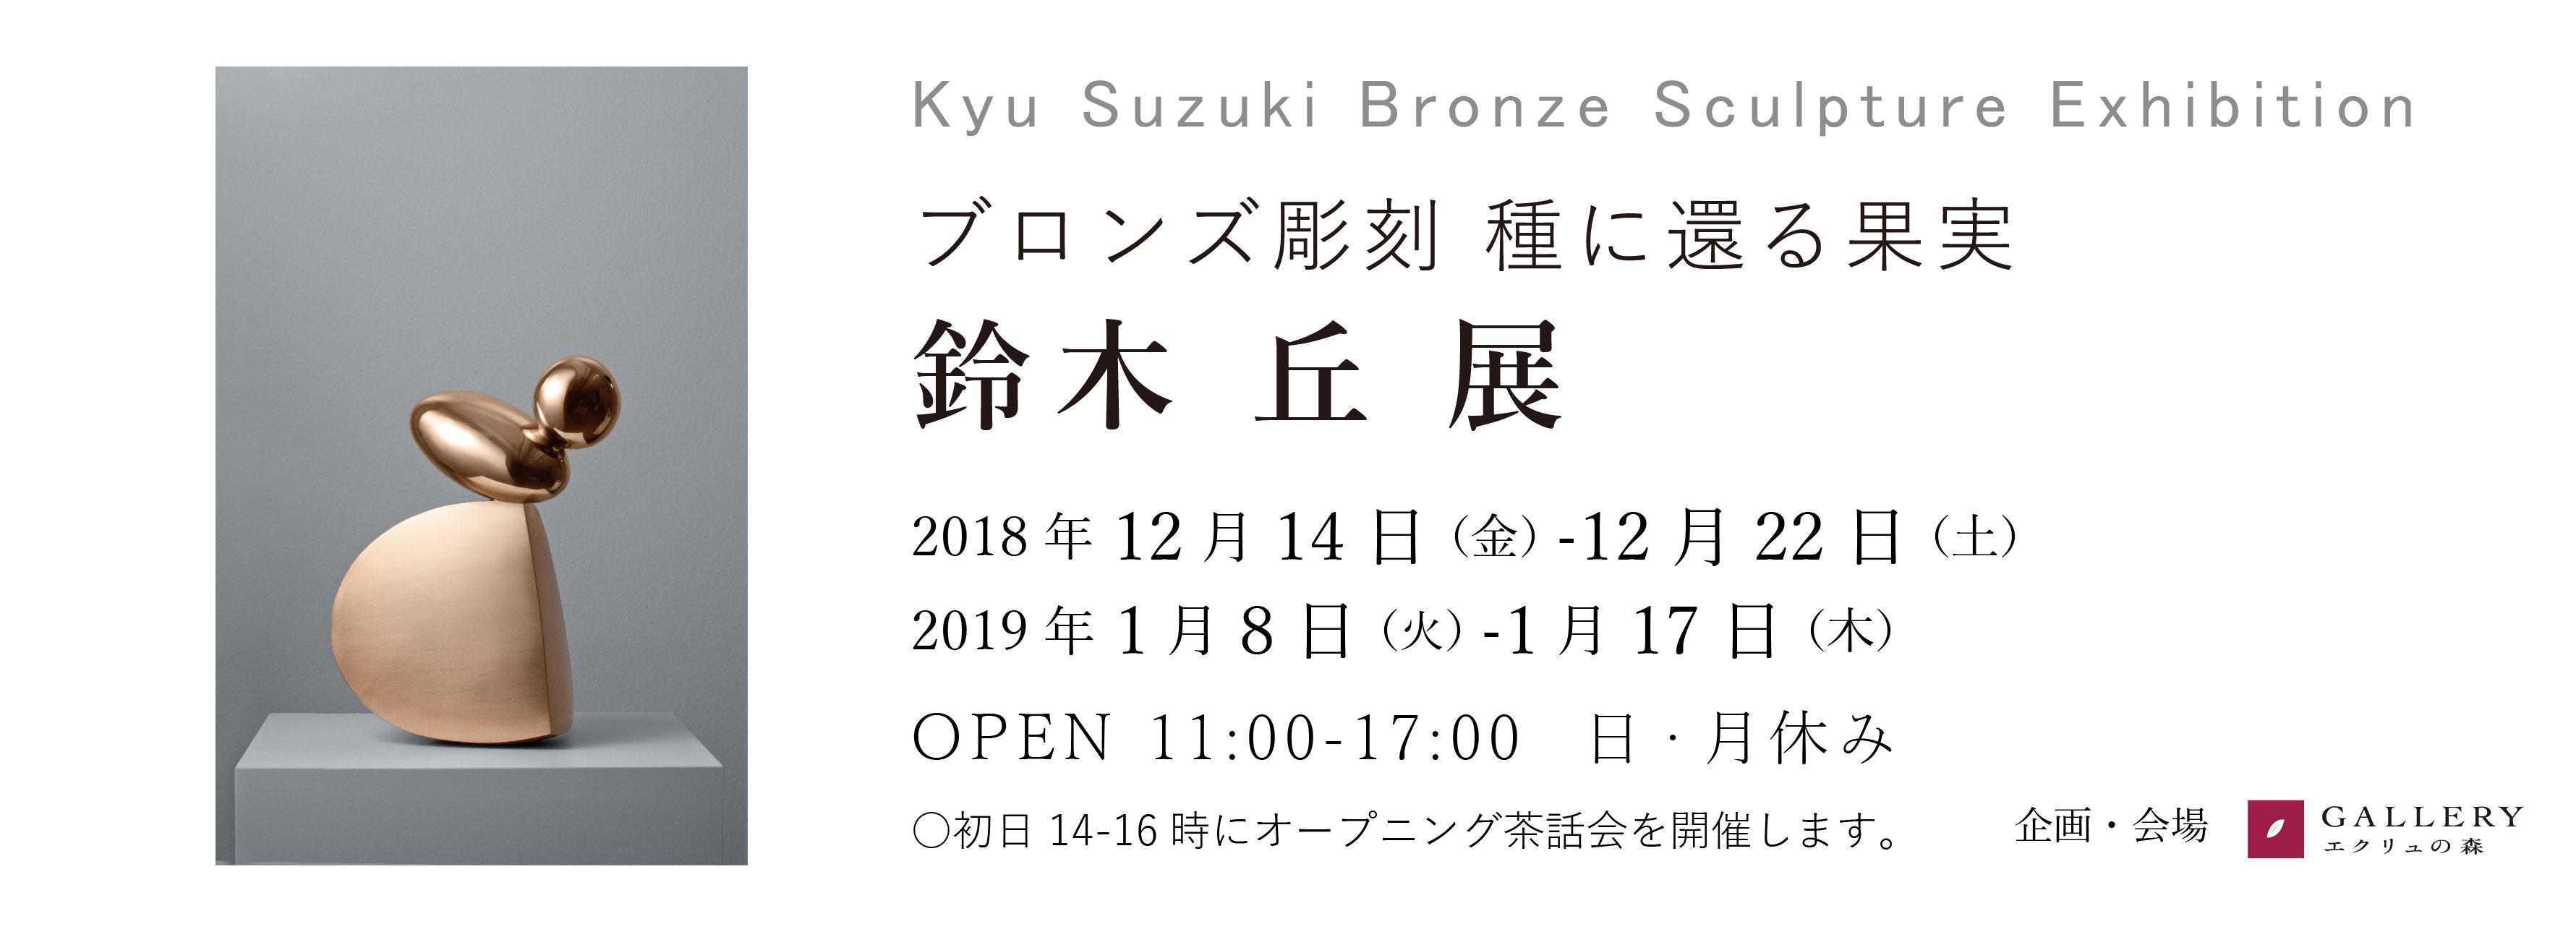 banner_kyu_suzuki_